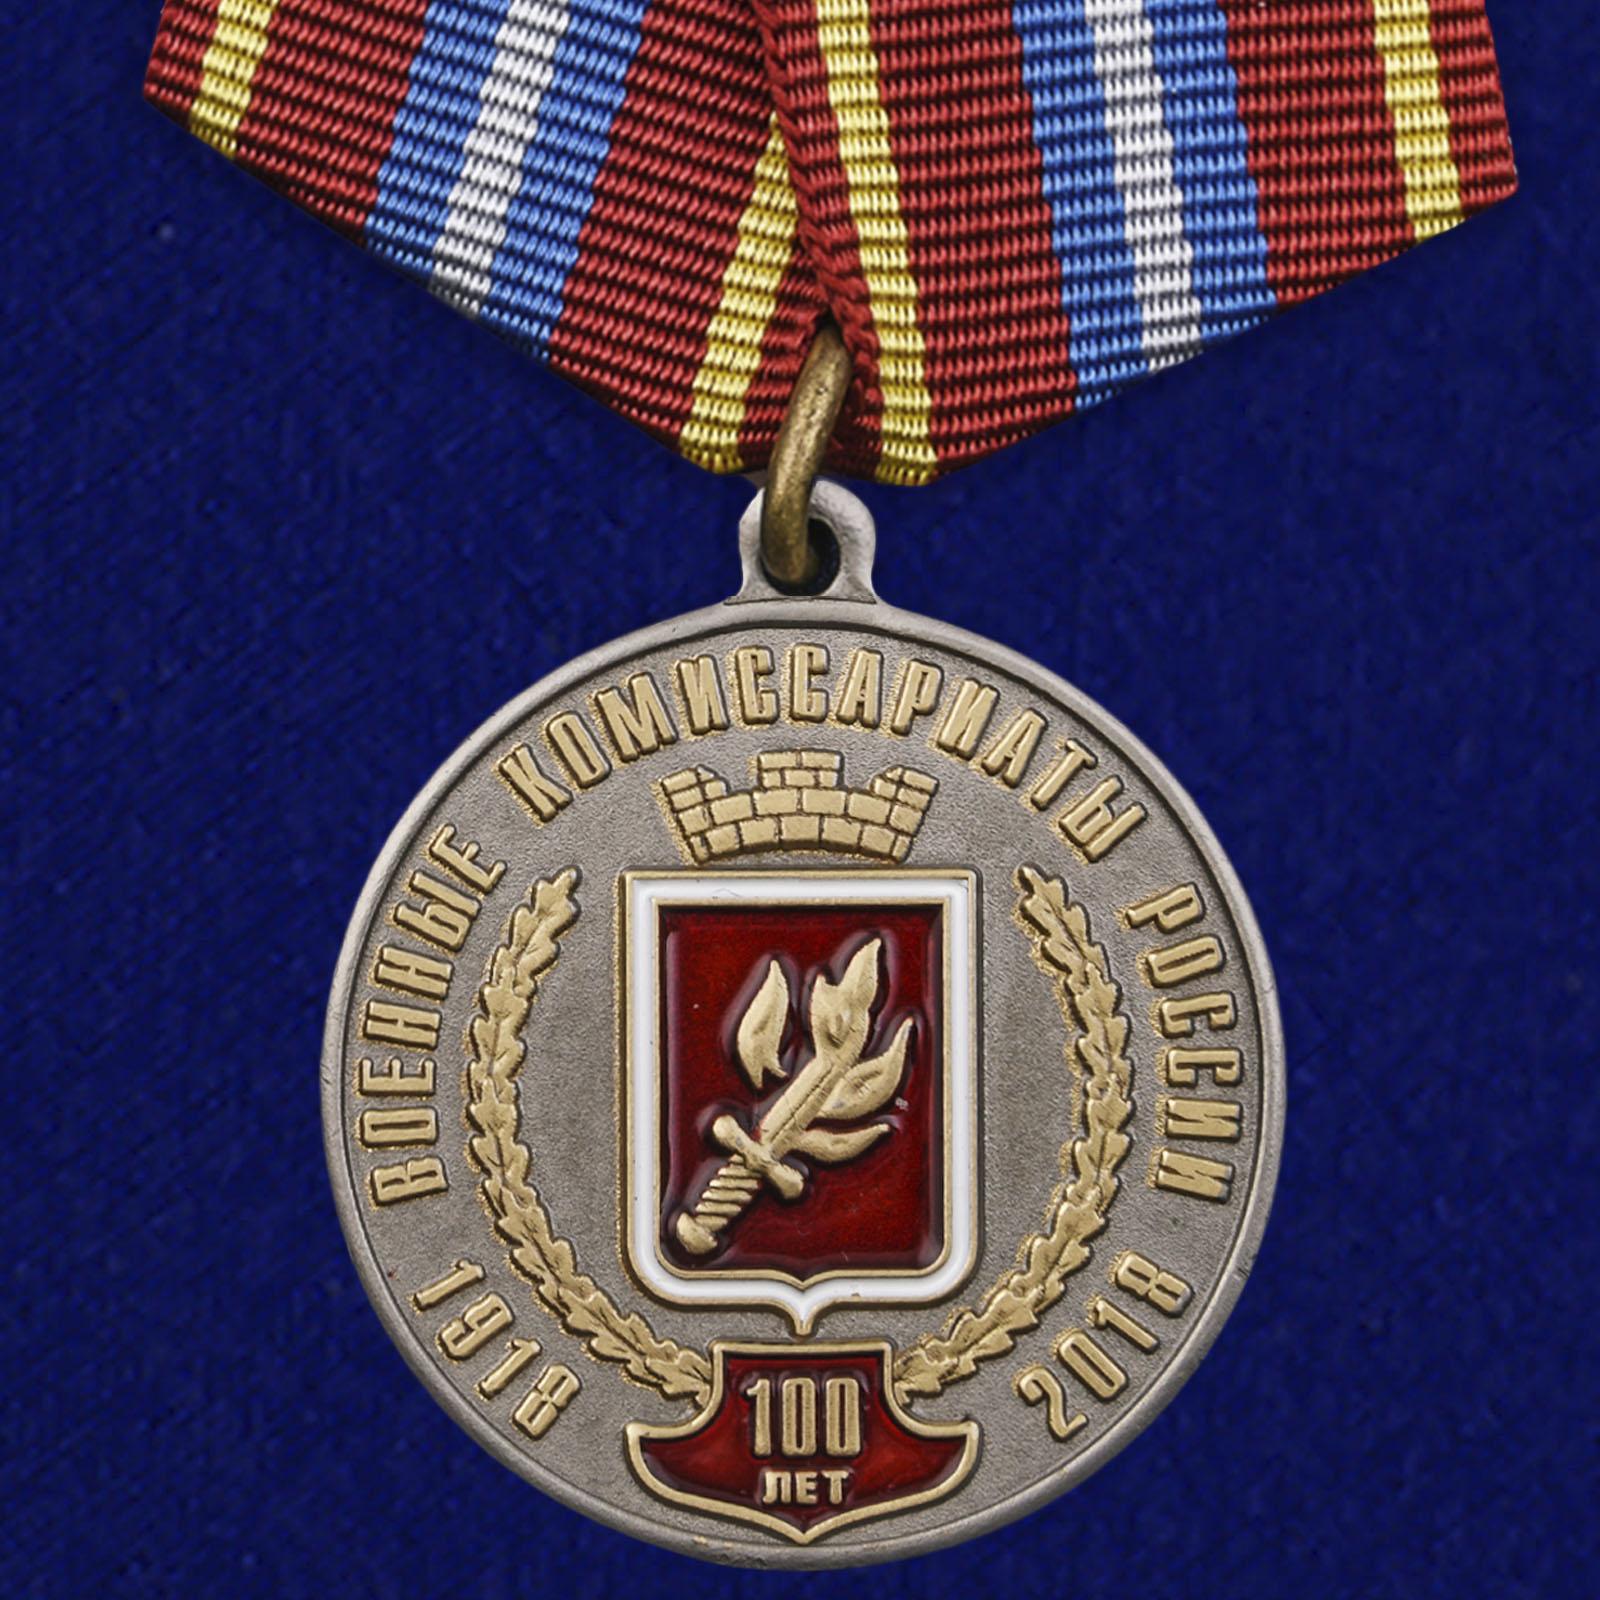 Купить ммедаль За безупречную службу к 100-летию Военных комиссариатов России на подставке выгодно